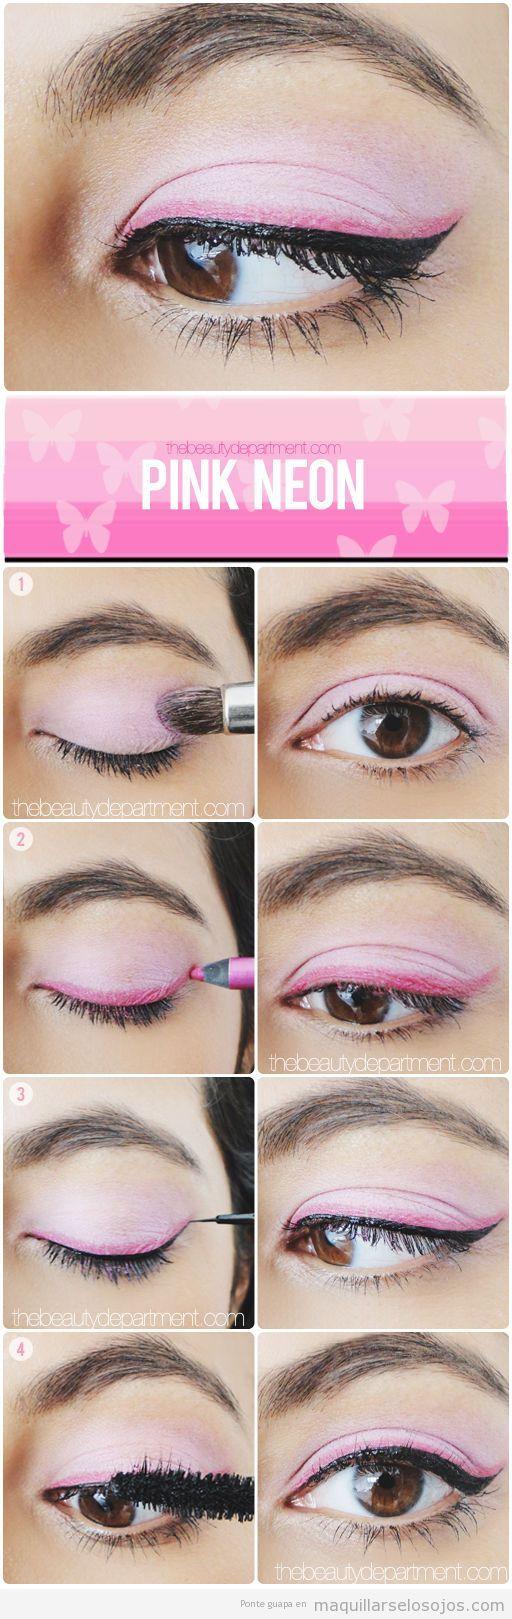 Maquillaje de ojos con eyeliner en rosa neón, tutorial paso a paso